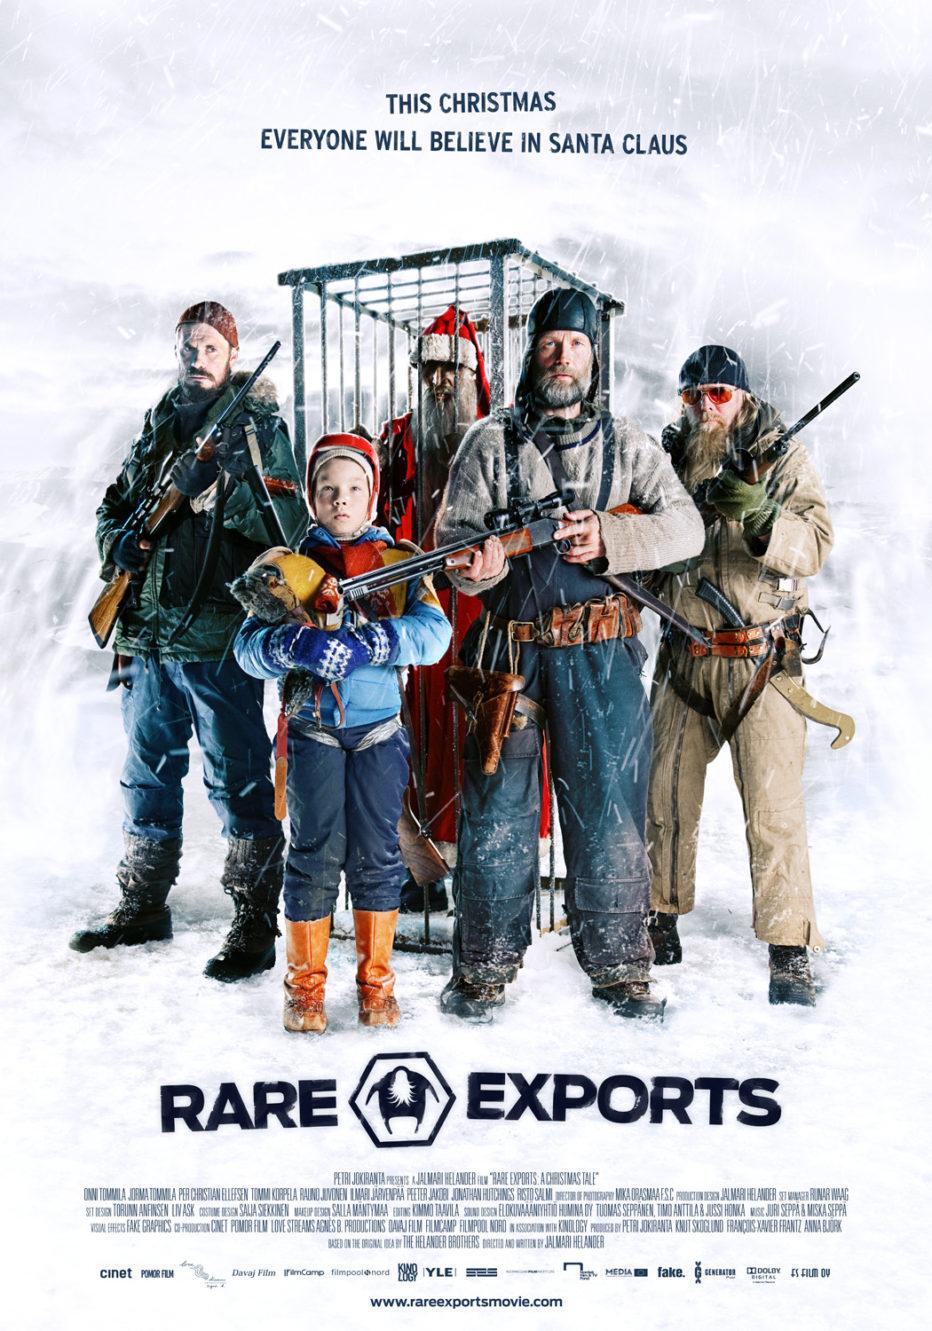 Tweets del día: Rare Exports, la película de estas navidades